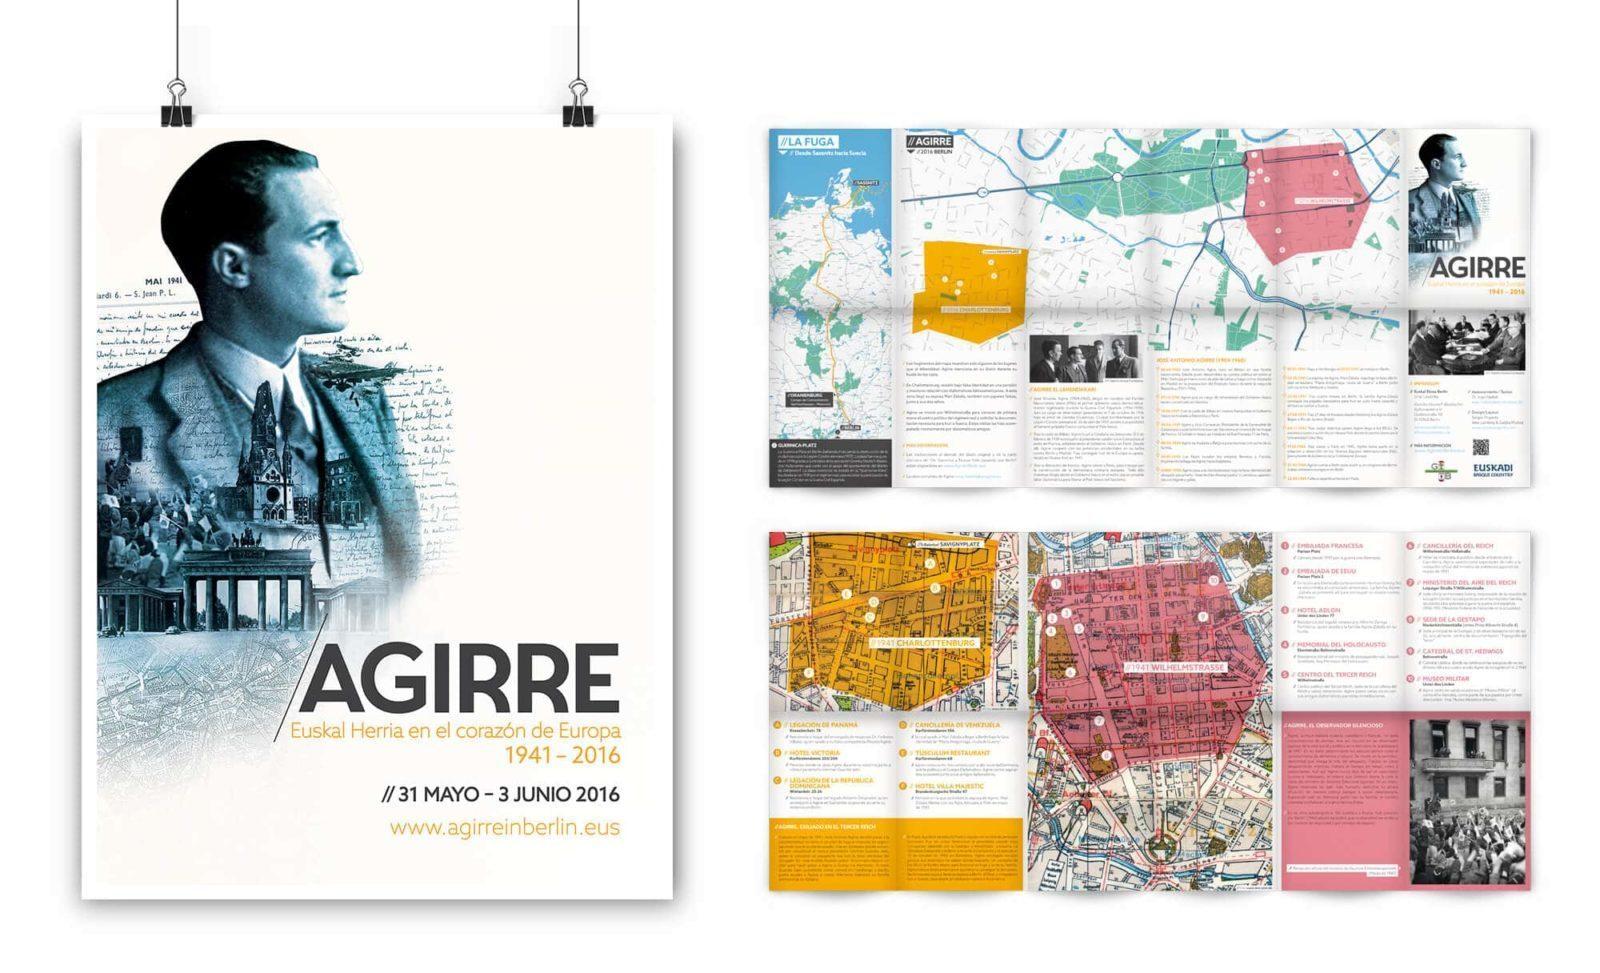 Sirope-agencia-branding-Proyectos-AGIRRE-mapas